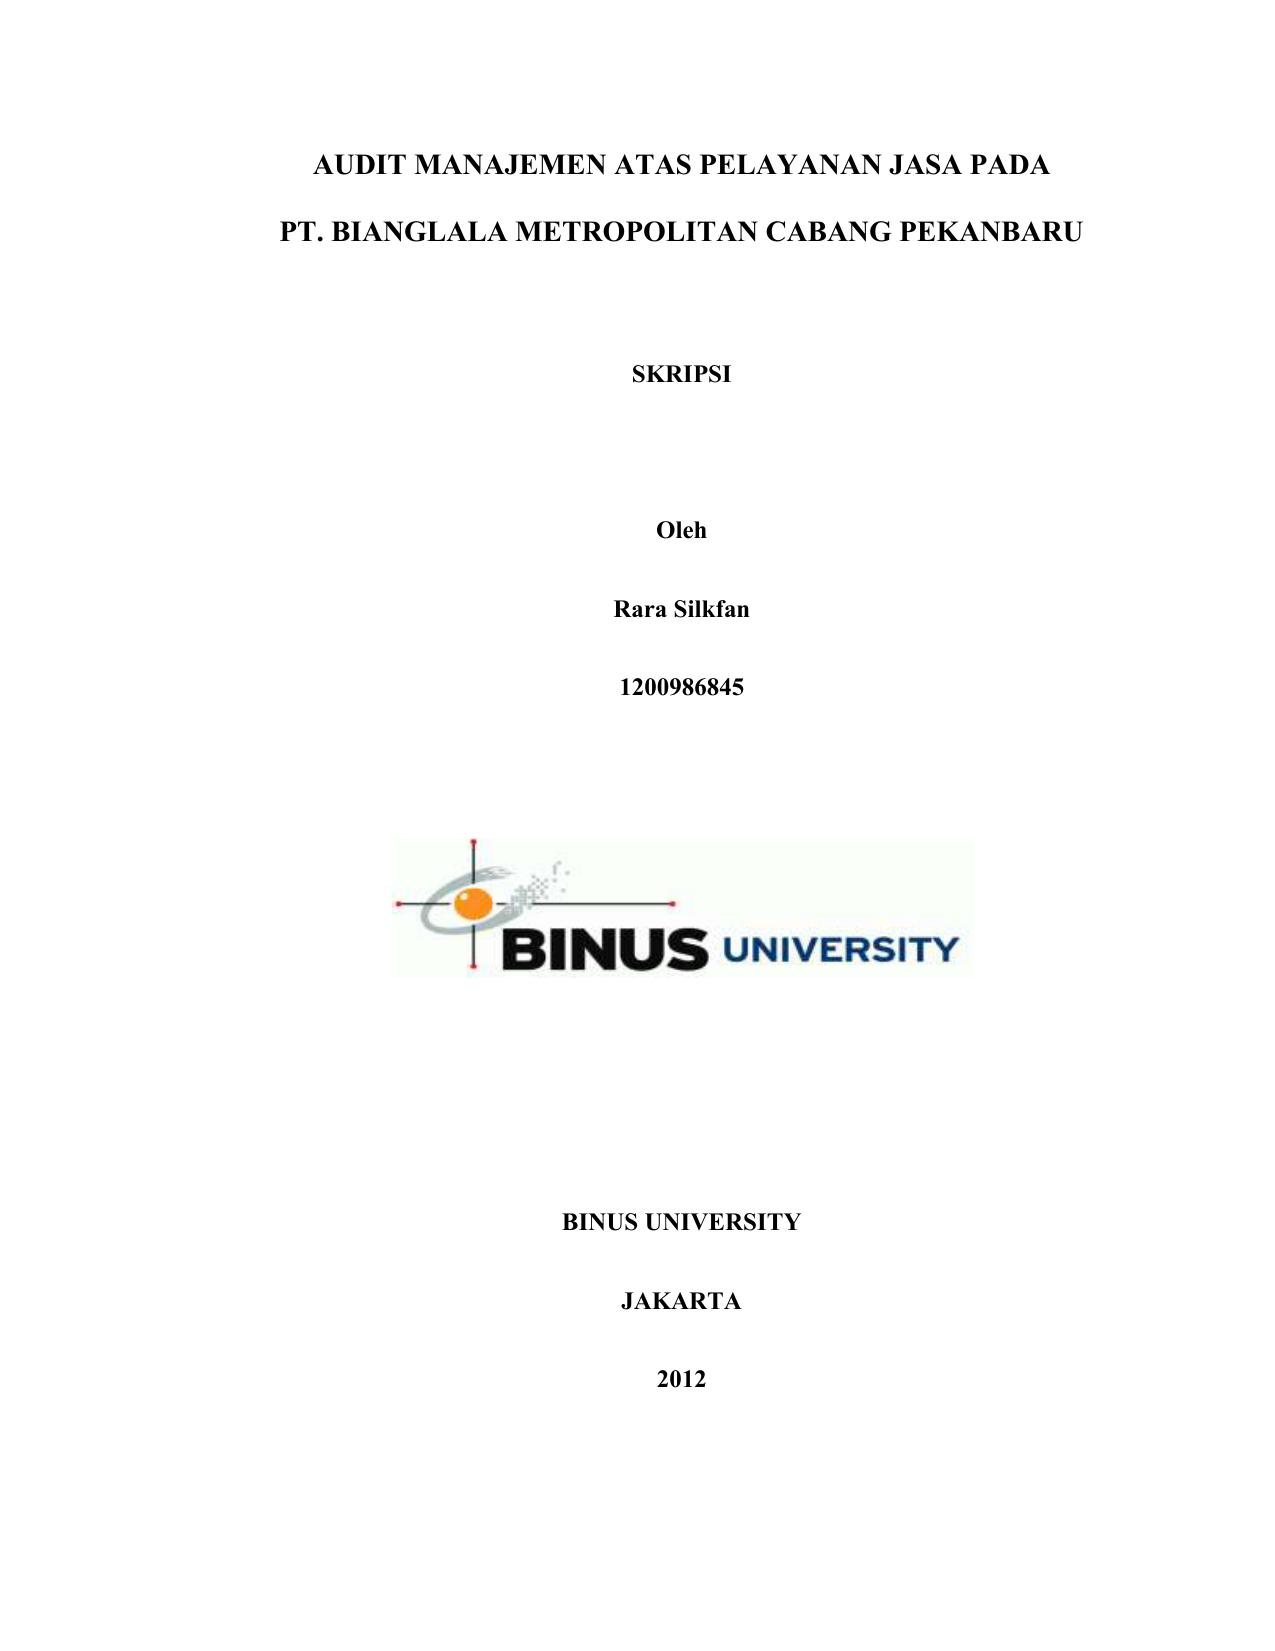 Skripsi Binus Akuntansi Ide Judul Skripsi Universitas